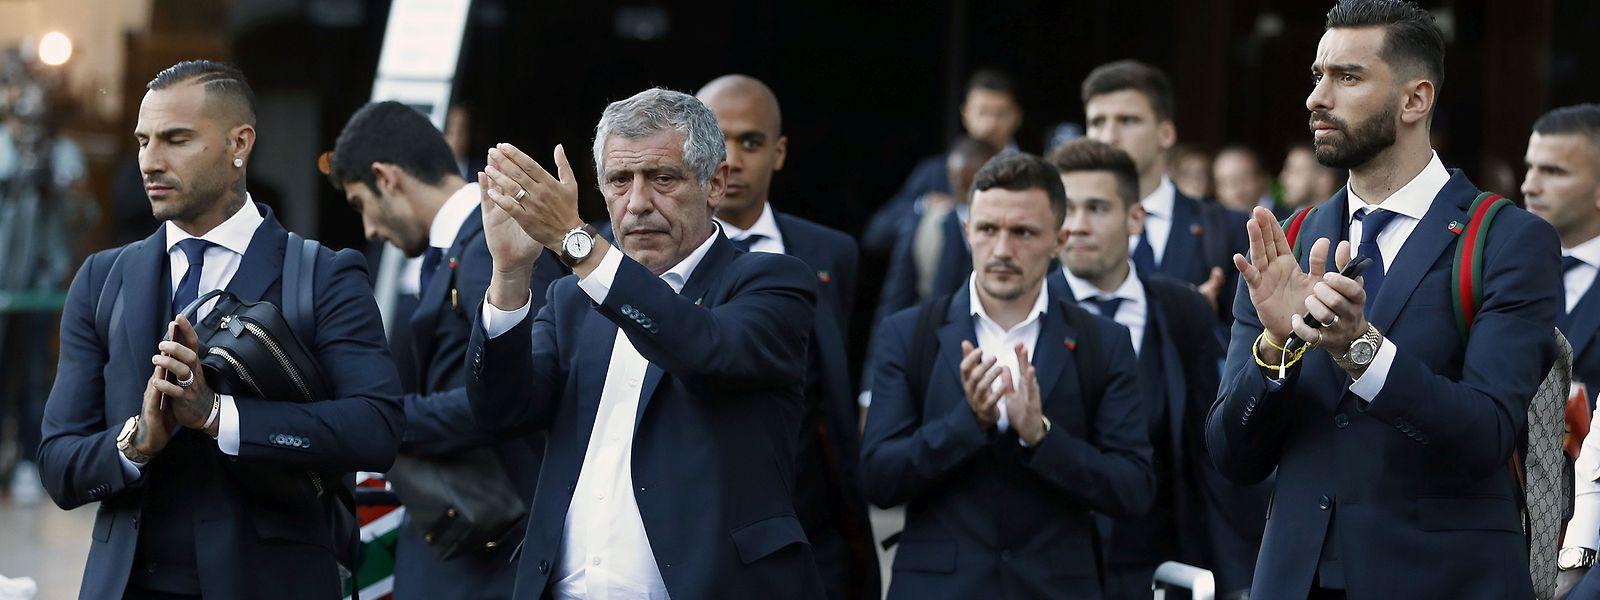 Momento da chegada da seleção portuguesa ao aeroporto de Lisboa.